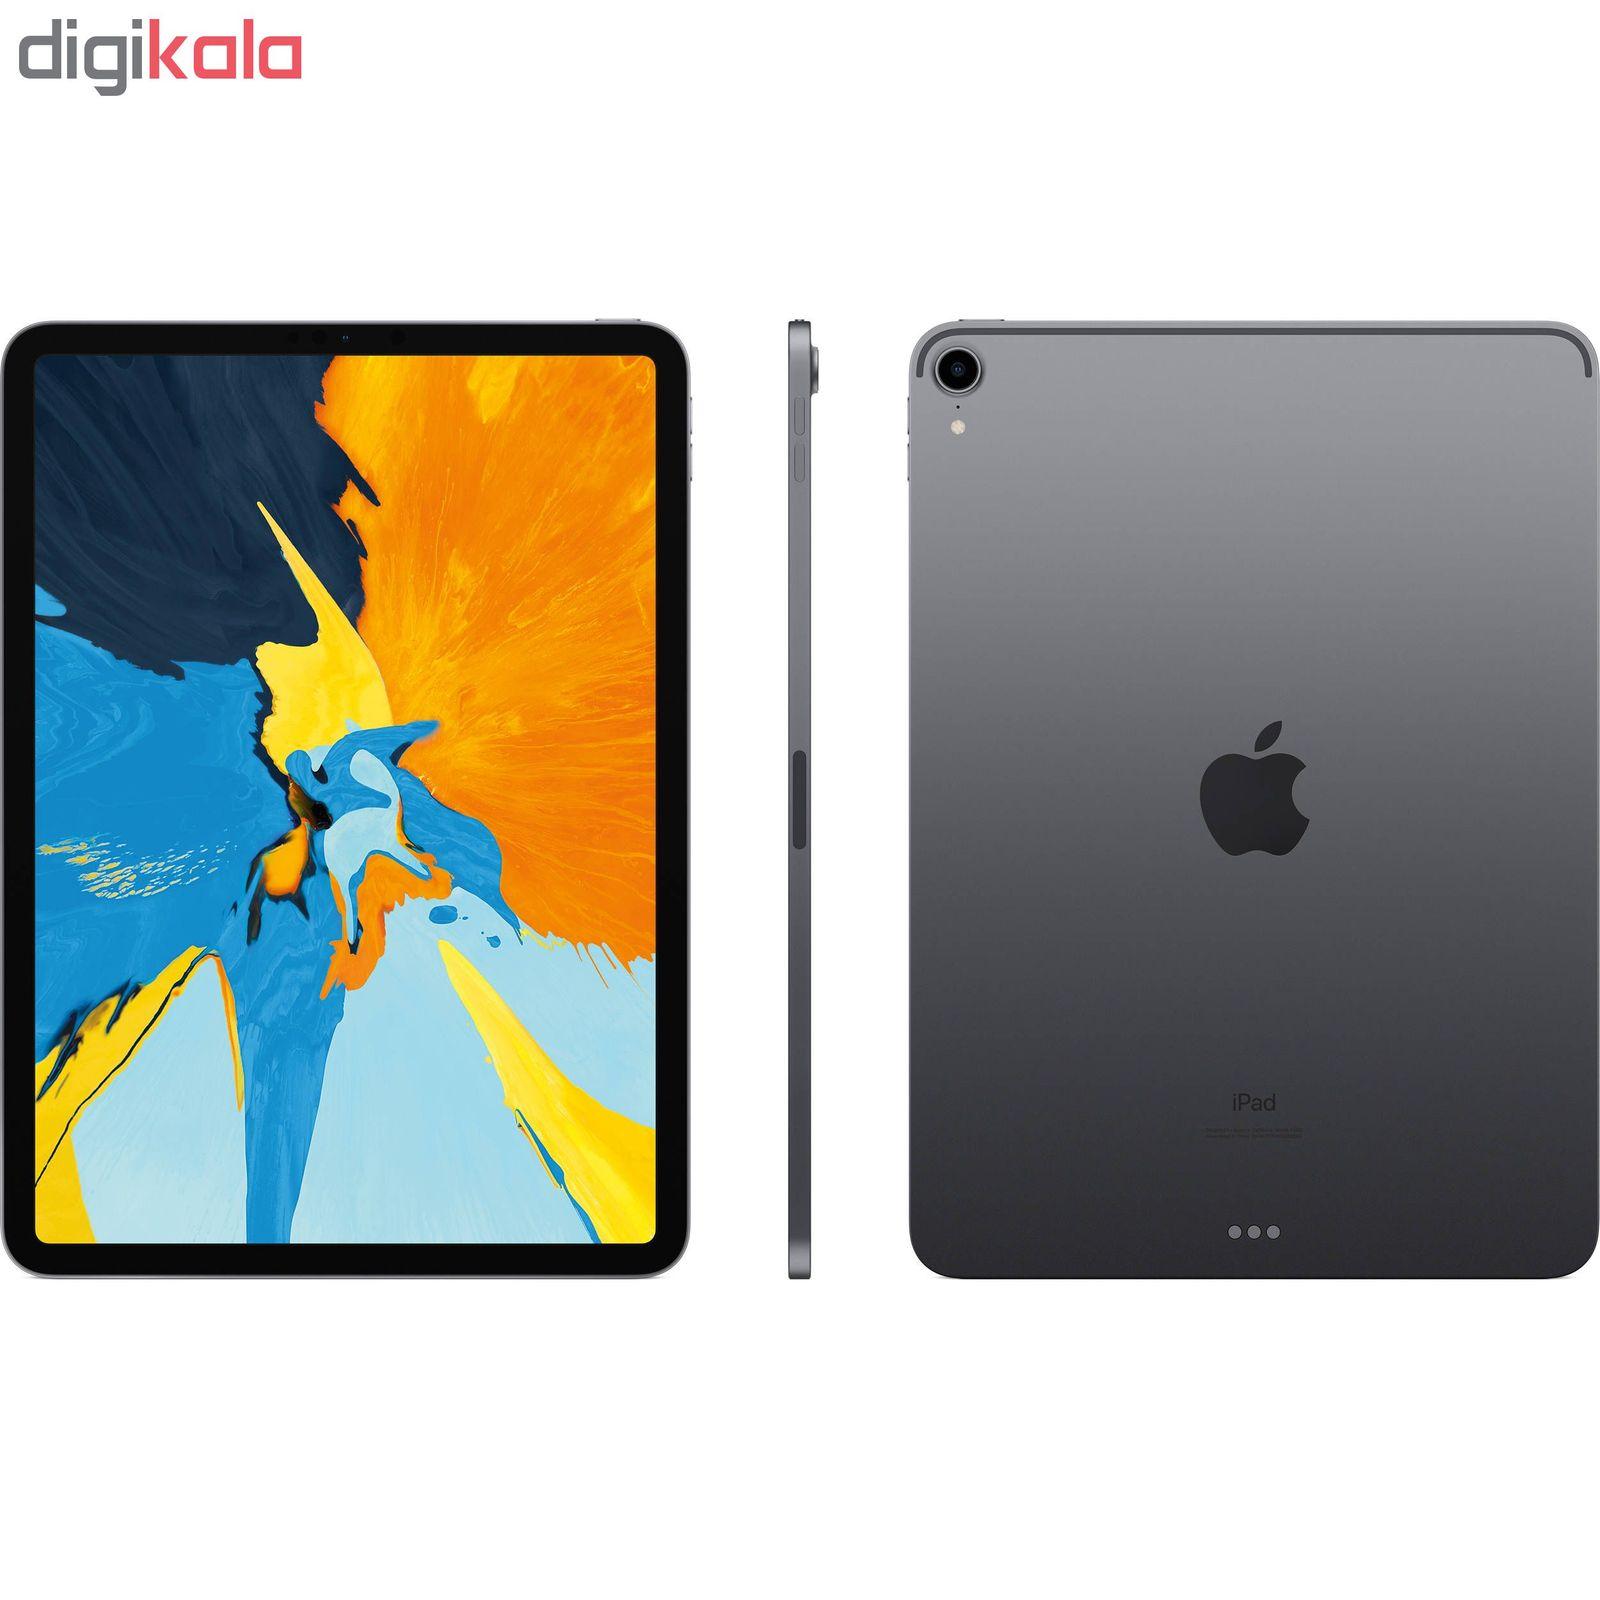 تبلت اپل مدل iPad Pro 2018 11 inch 4G ظرفیت 64 گیگابایت main 1 6